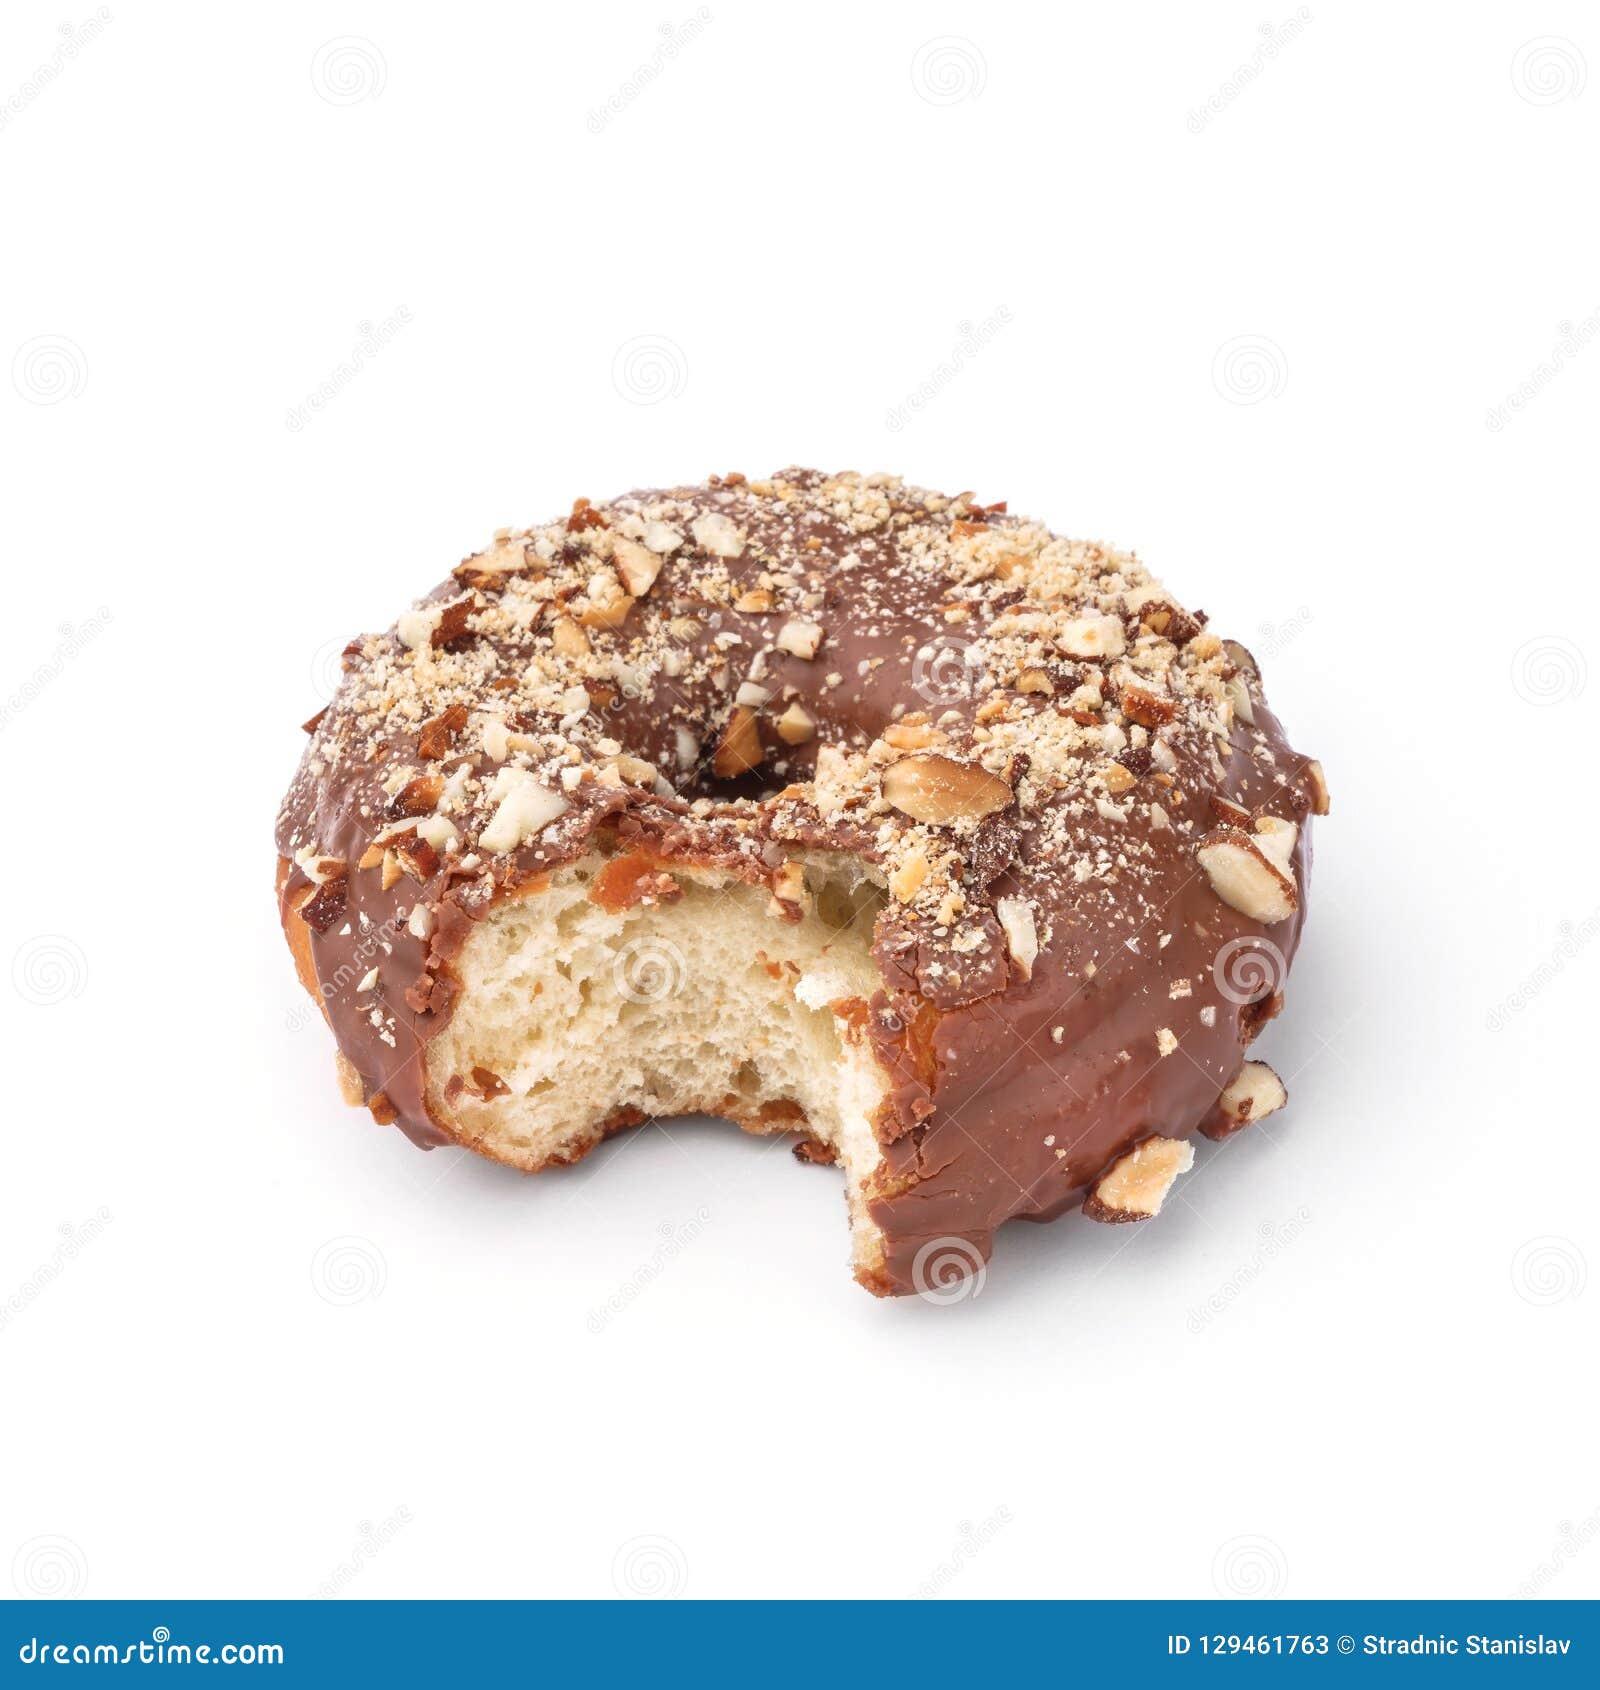 Verglaasde doughnut met melkchocola en notemuskaat Mening vanuit een vijfenveertig graadinvalshoek Geïsoleerd beeld